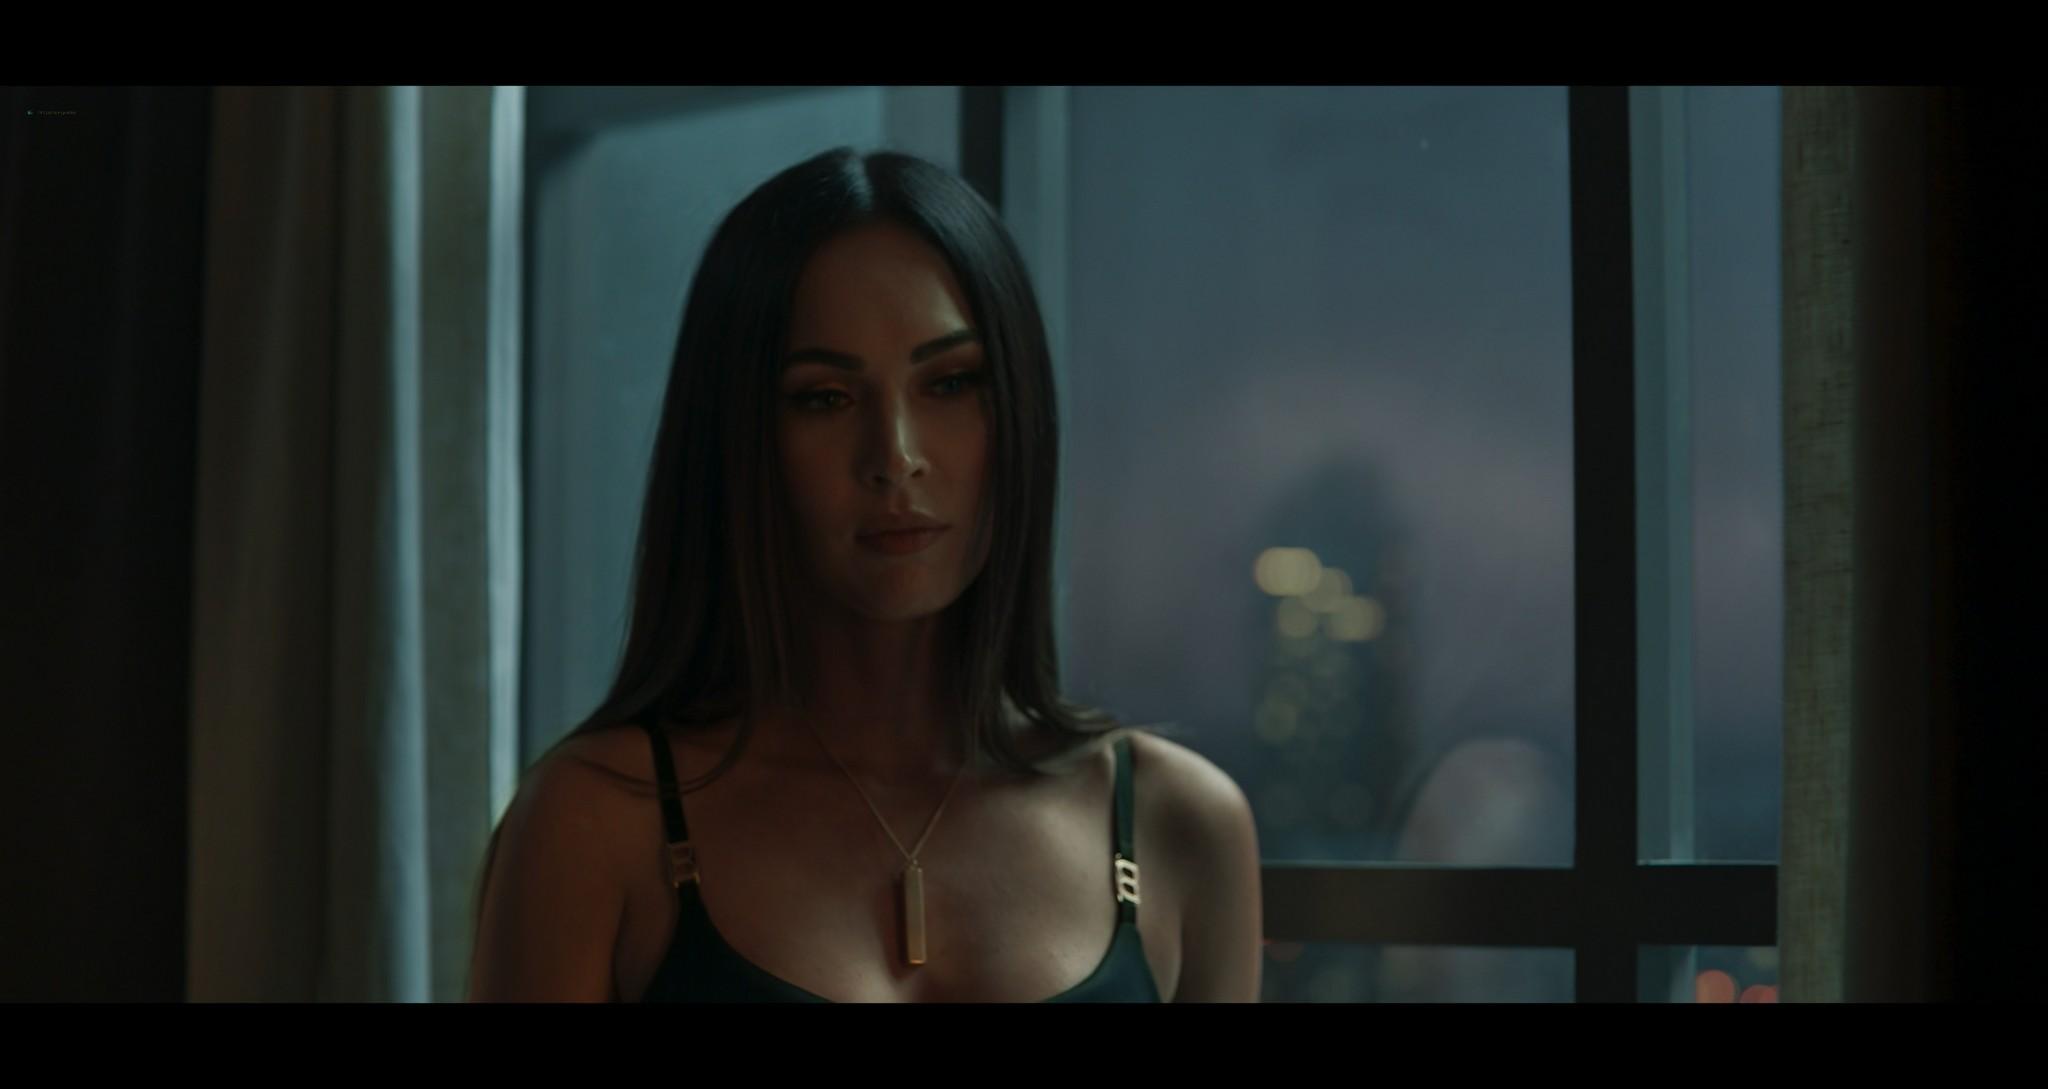 Megan Fox hot and sexy Till Death 2021 4k 2160p Web 2